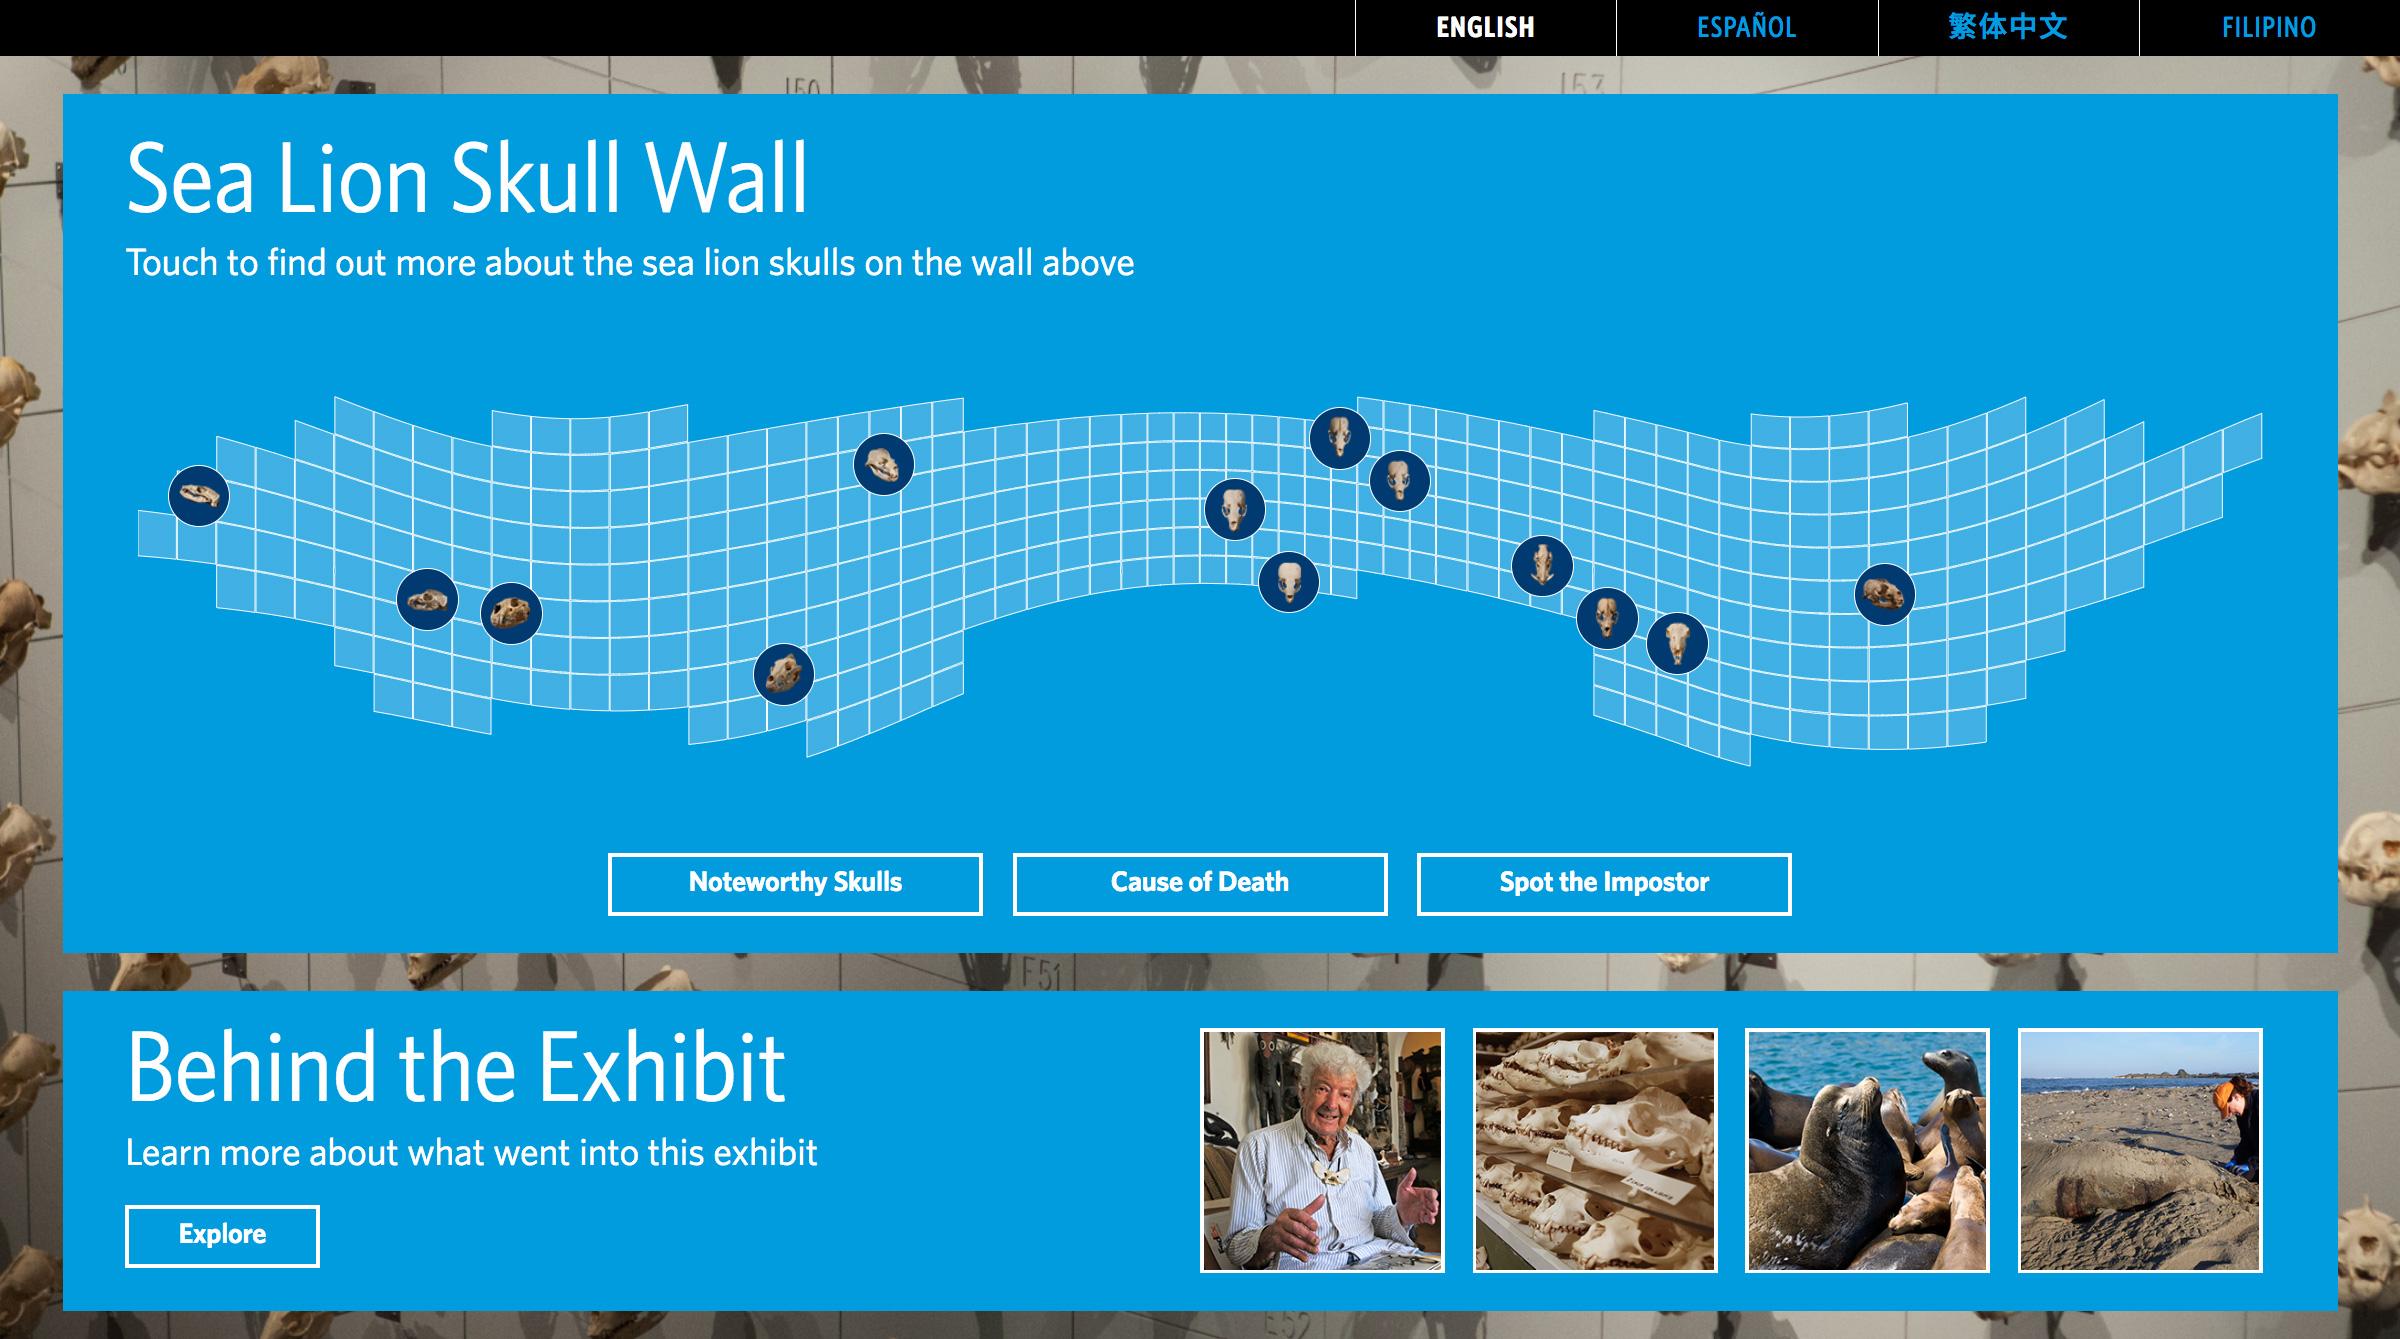 Home screen A: Exploring the grid of skulls